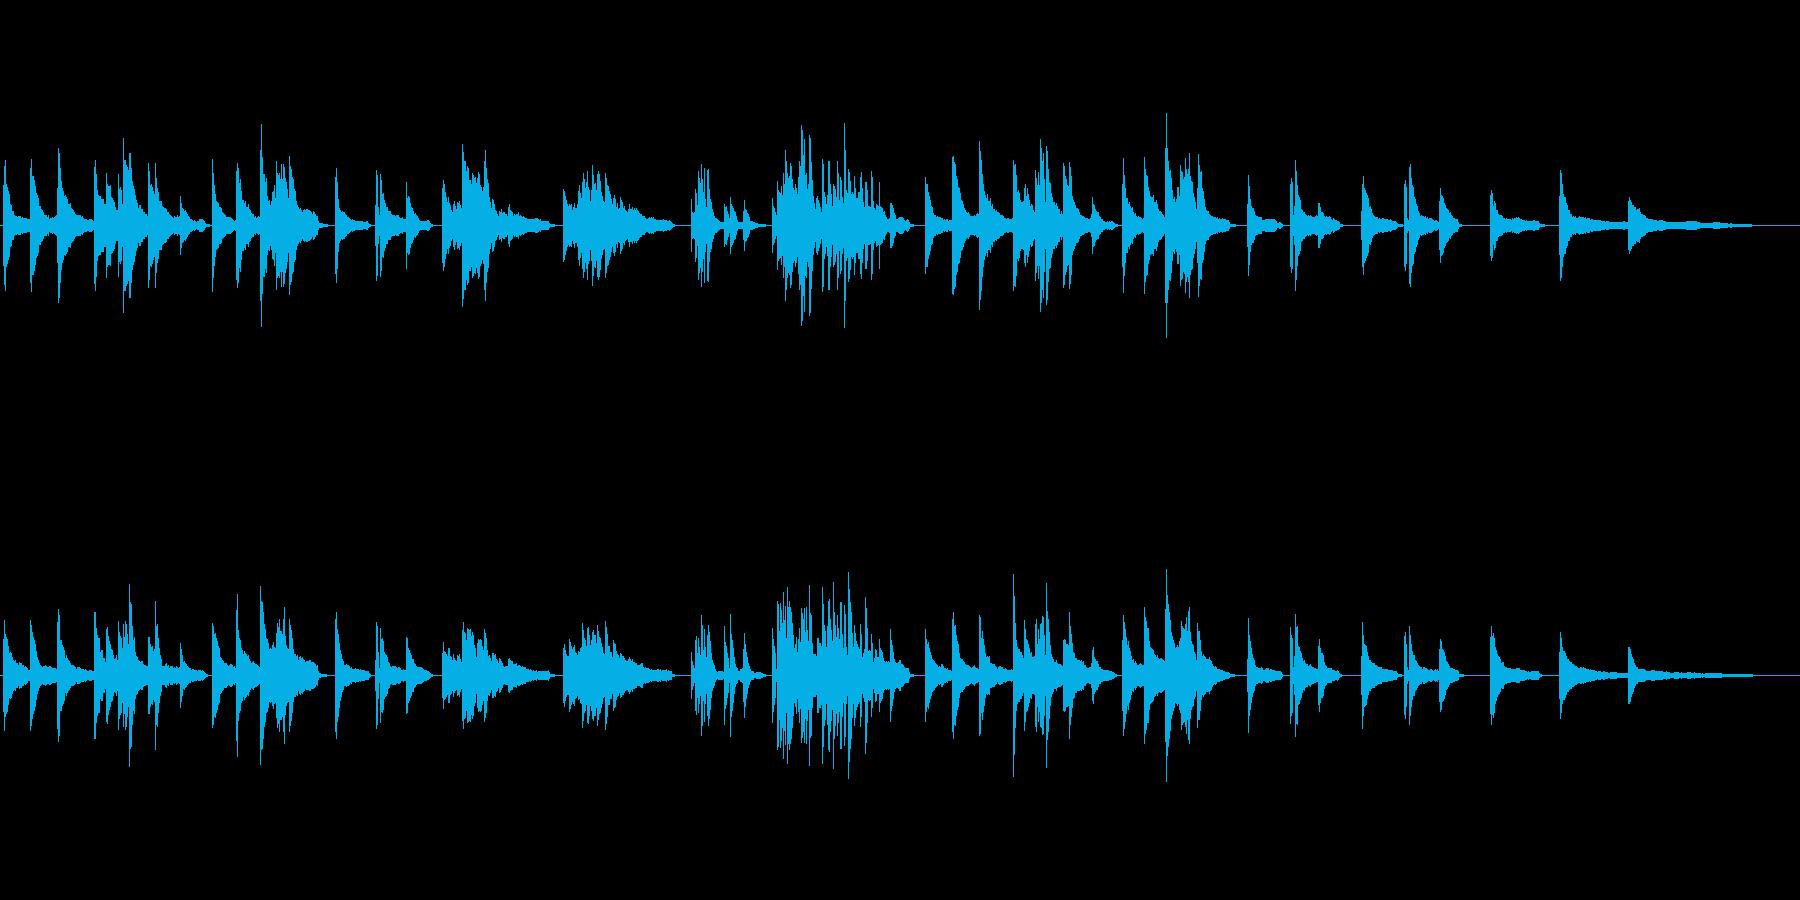 ソロピアノ、エンディングの場面の再生済みの波形